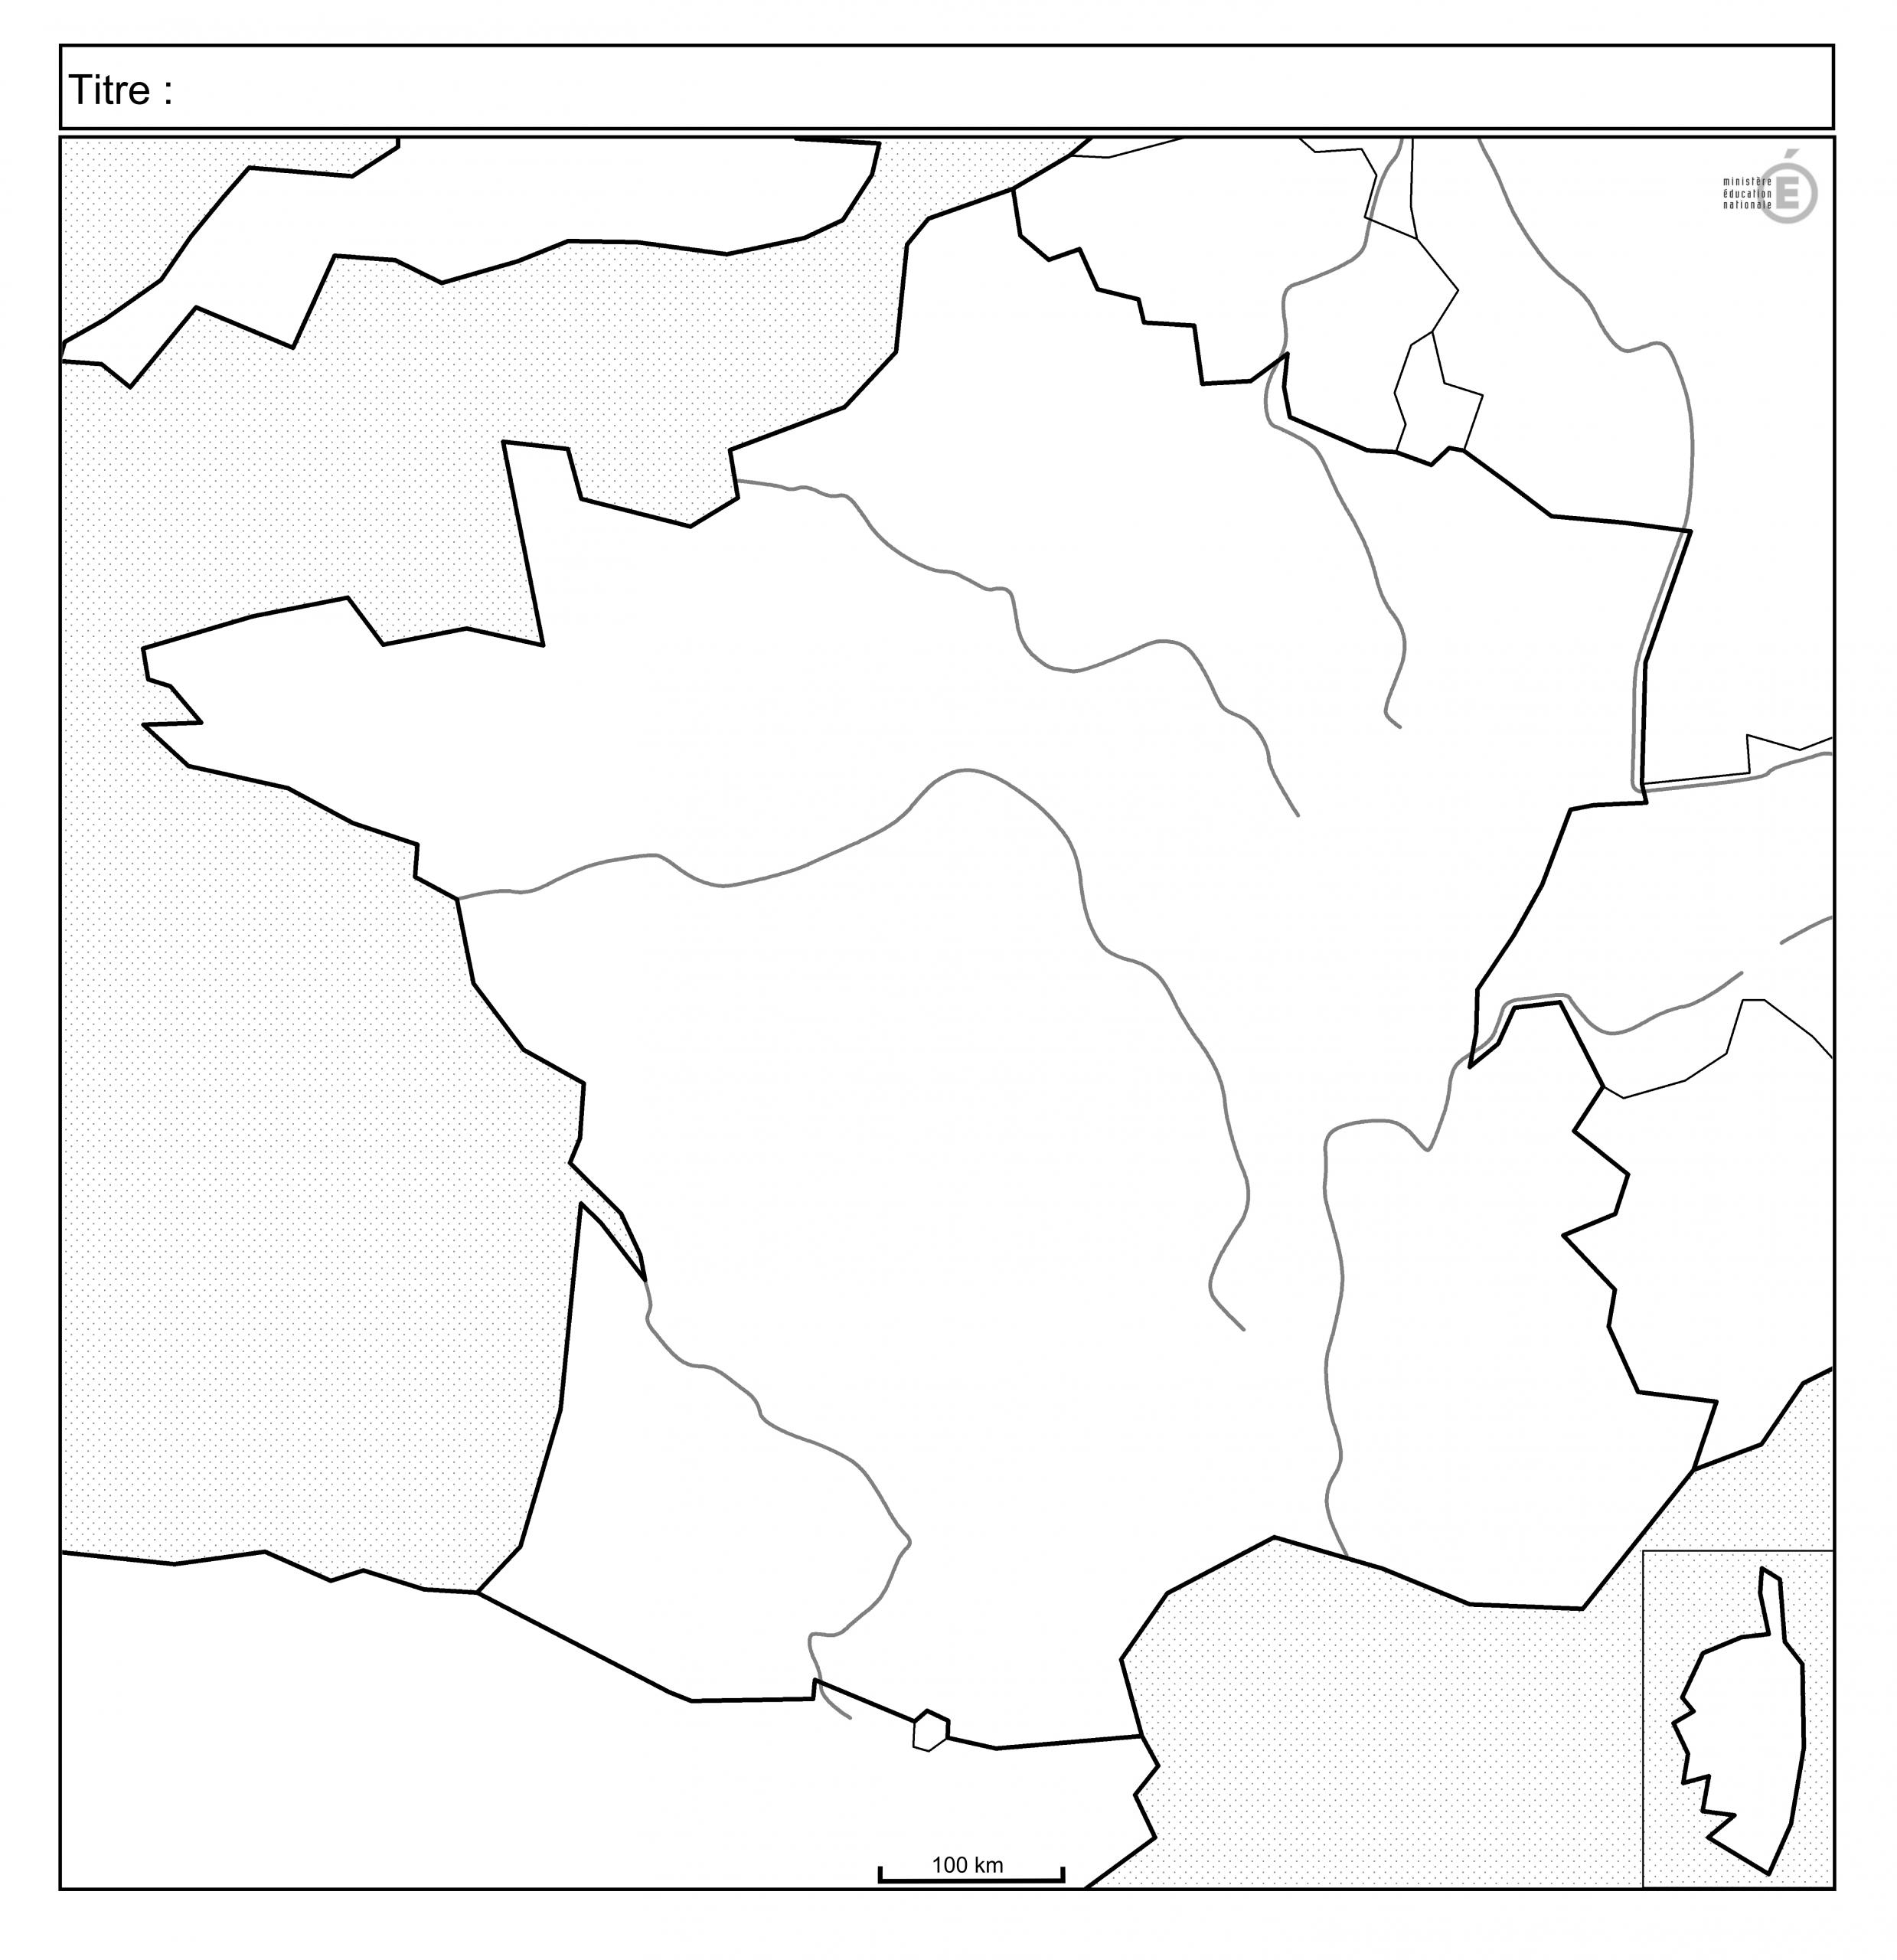 Fonds De Carte - Histoire-Géographie - Éduscol destiné Fond De Carte France Vierge